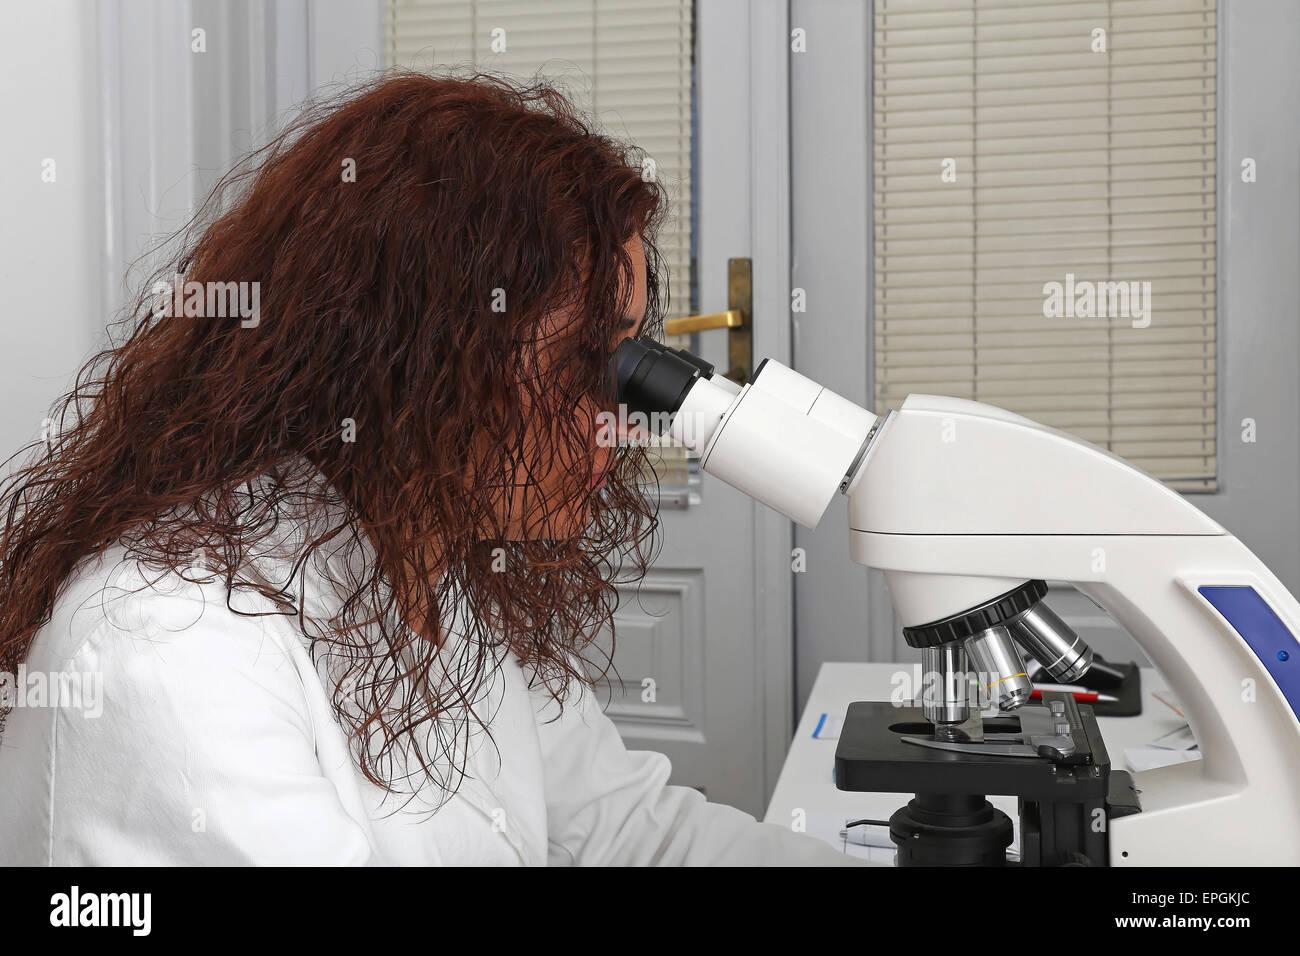 Tecnico per microscopia Immagini Stock